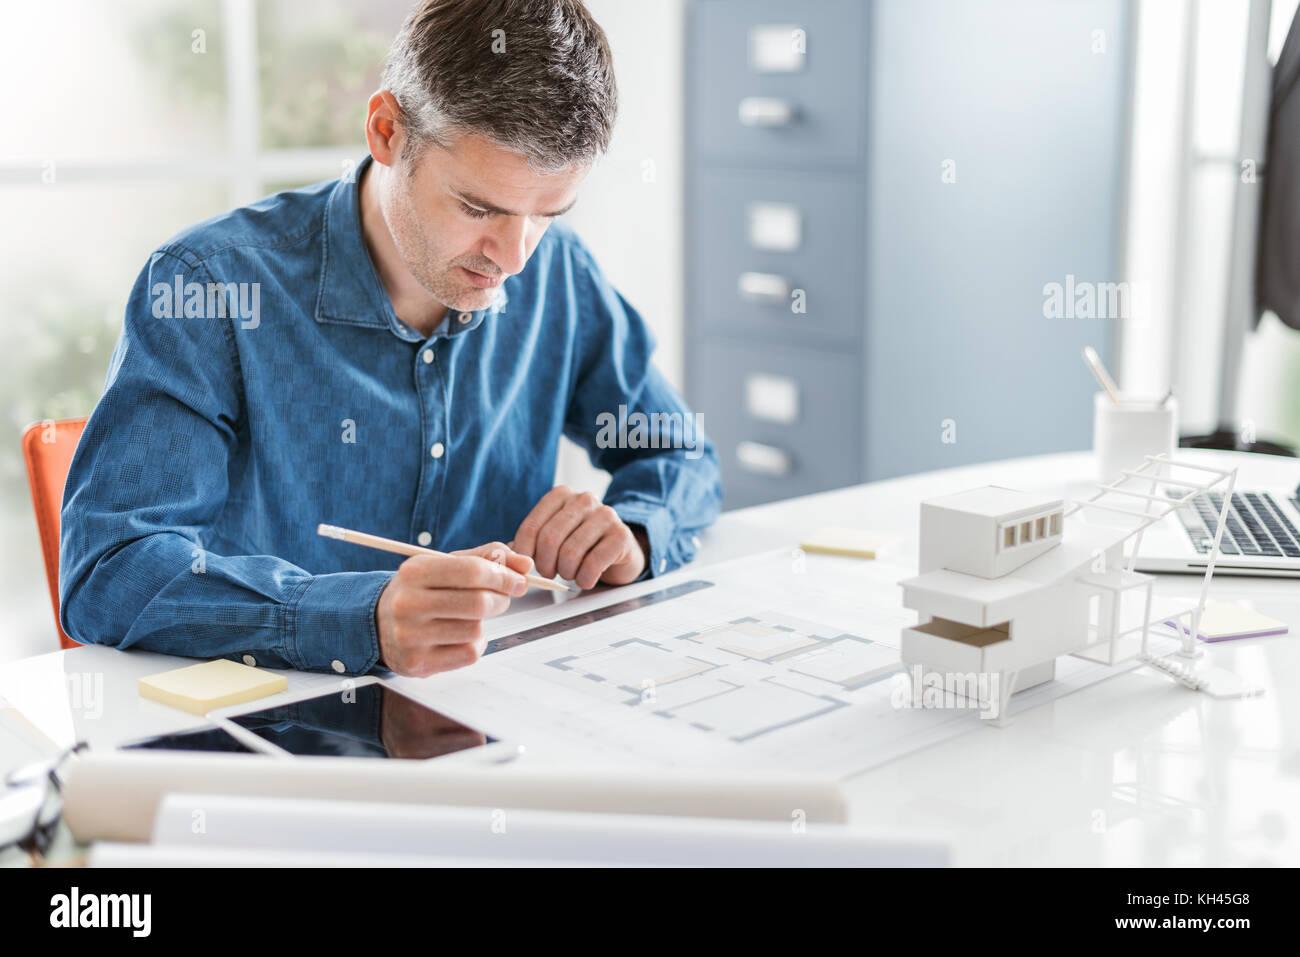 Disegno Uomo Alla Scrivania : Architetto professionista lavora alla scrivania in ufficio egli è